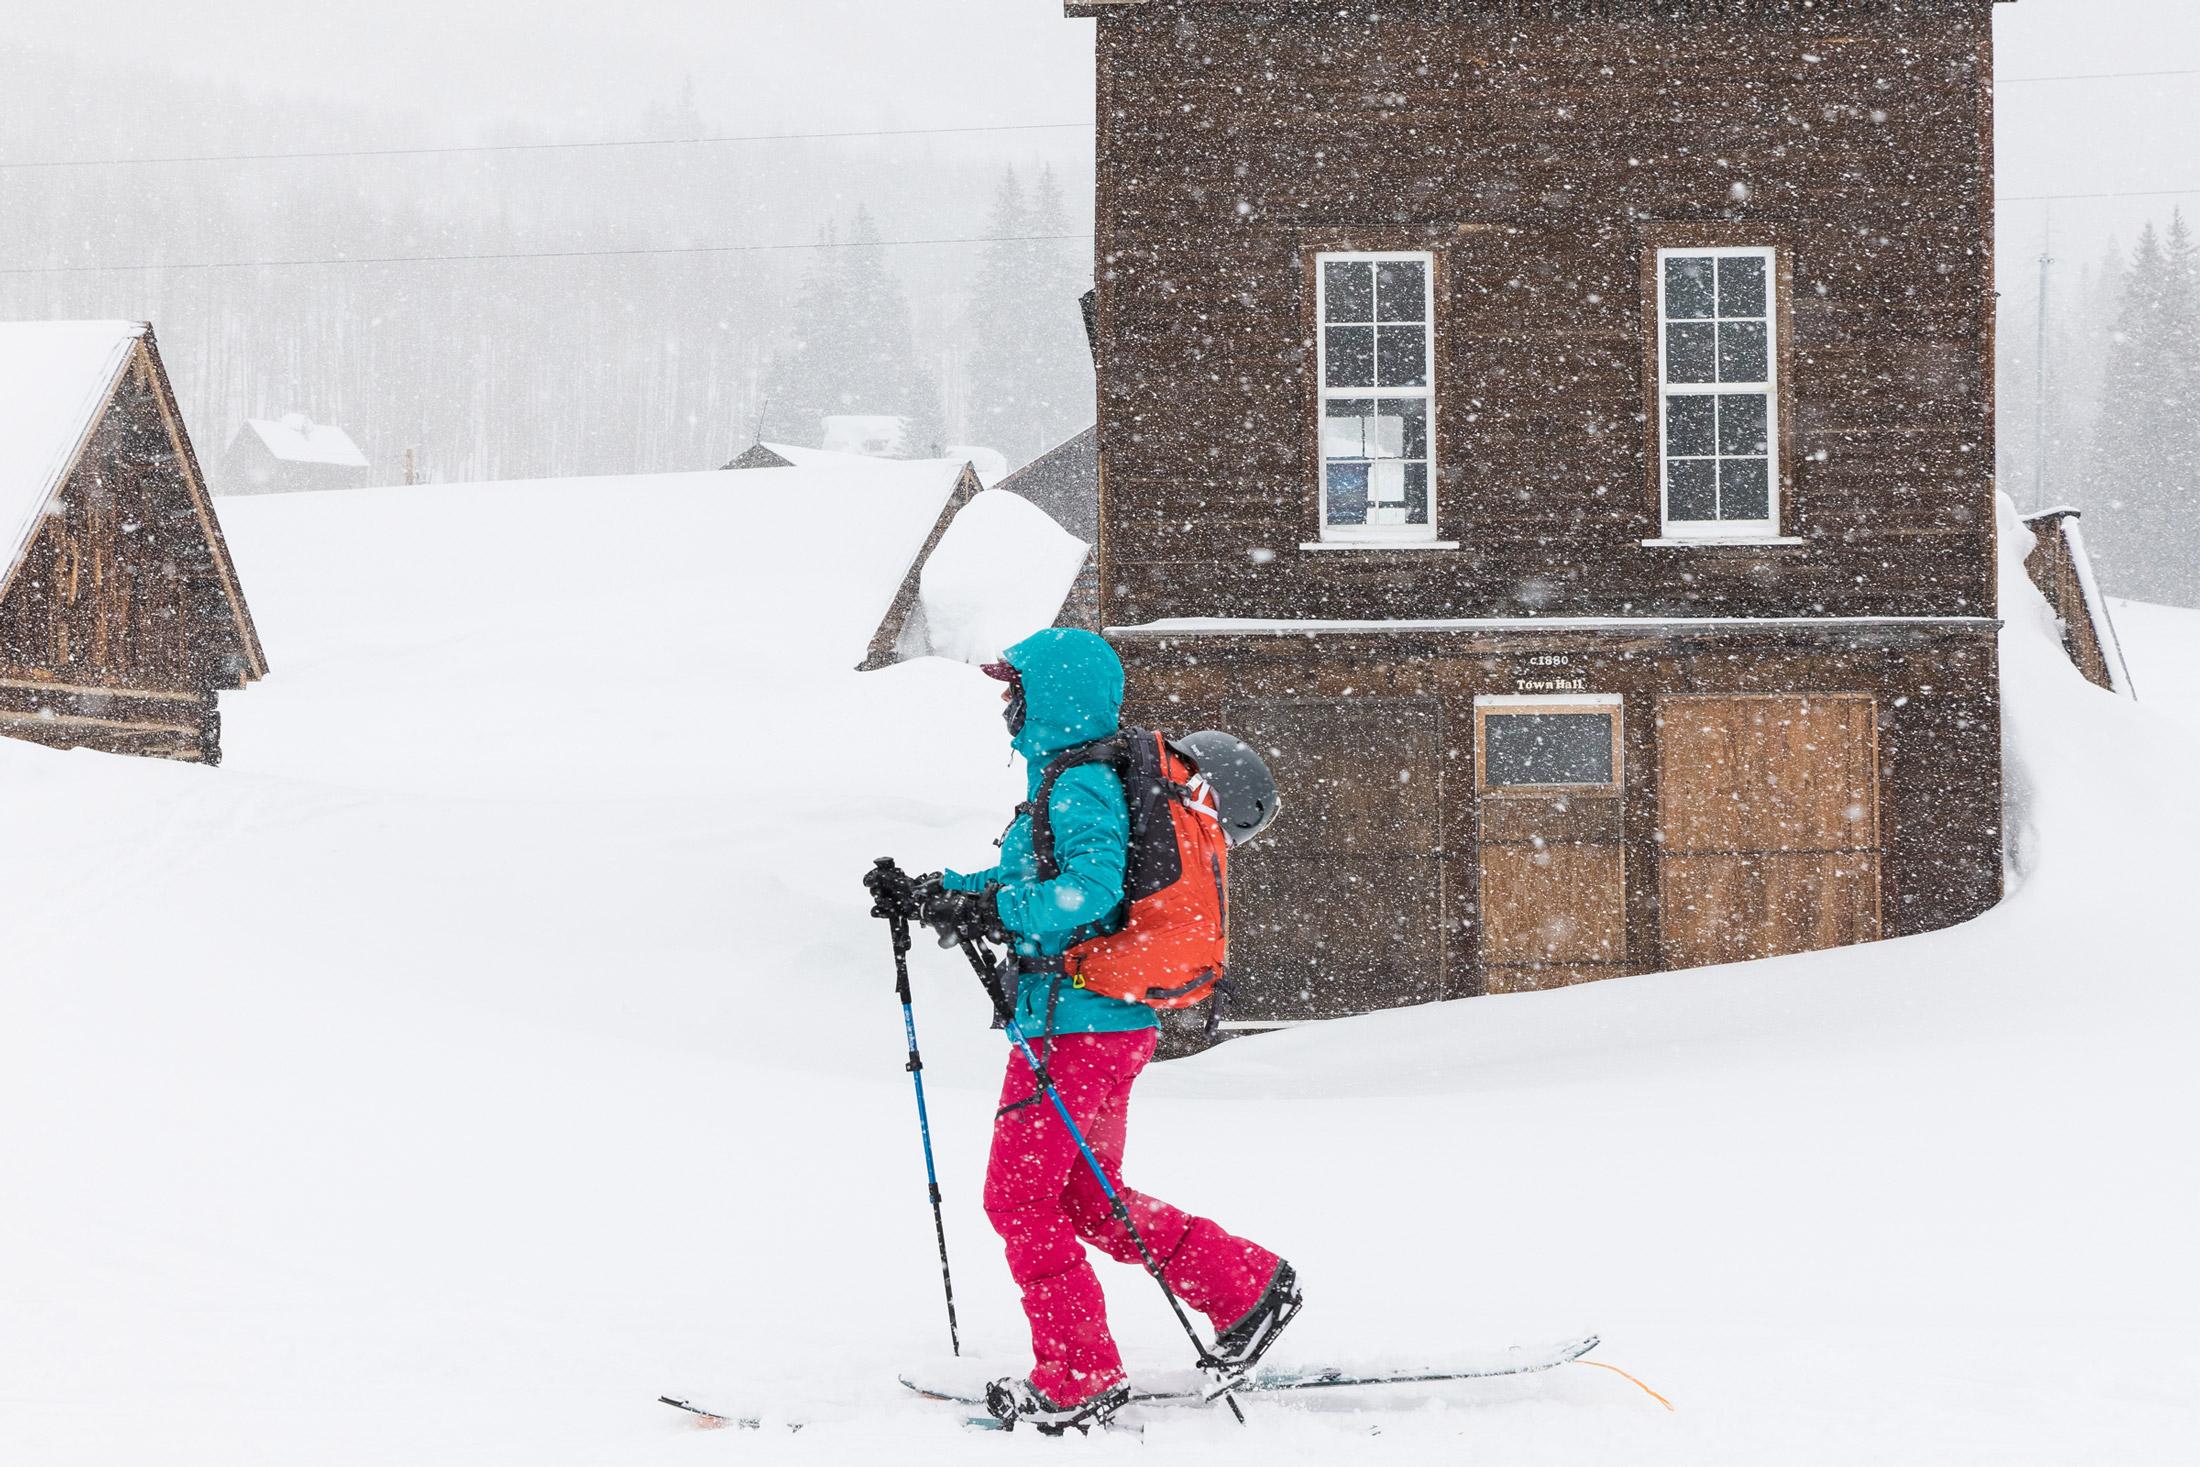 skier wearing winter jacket in snow